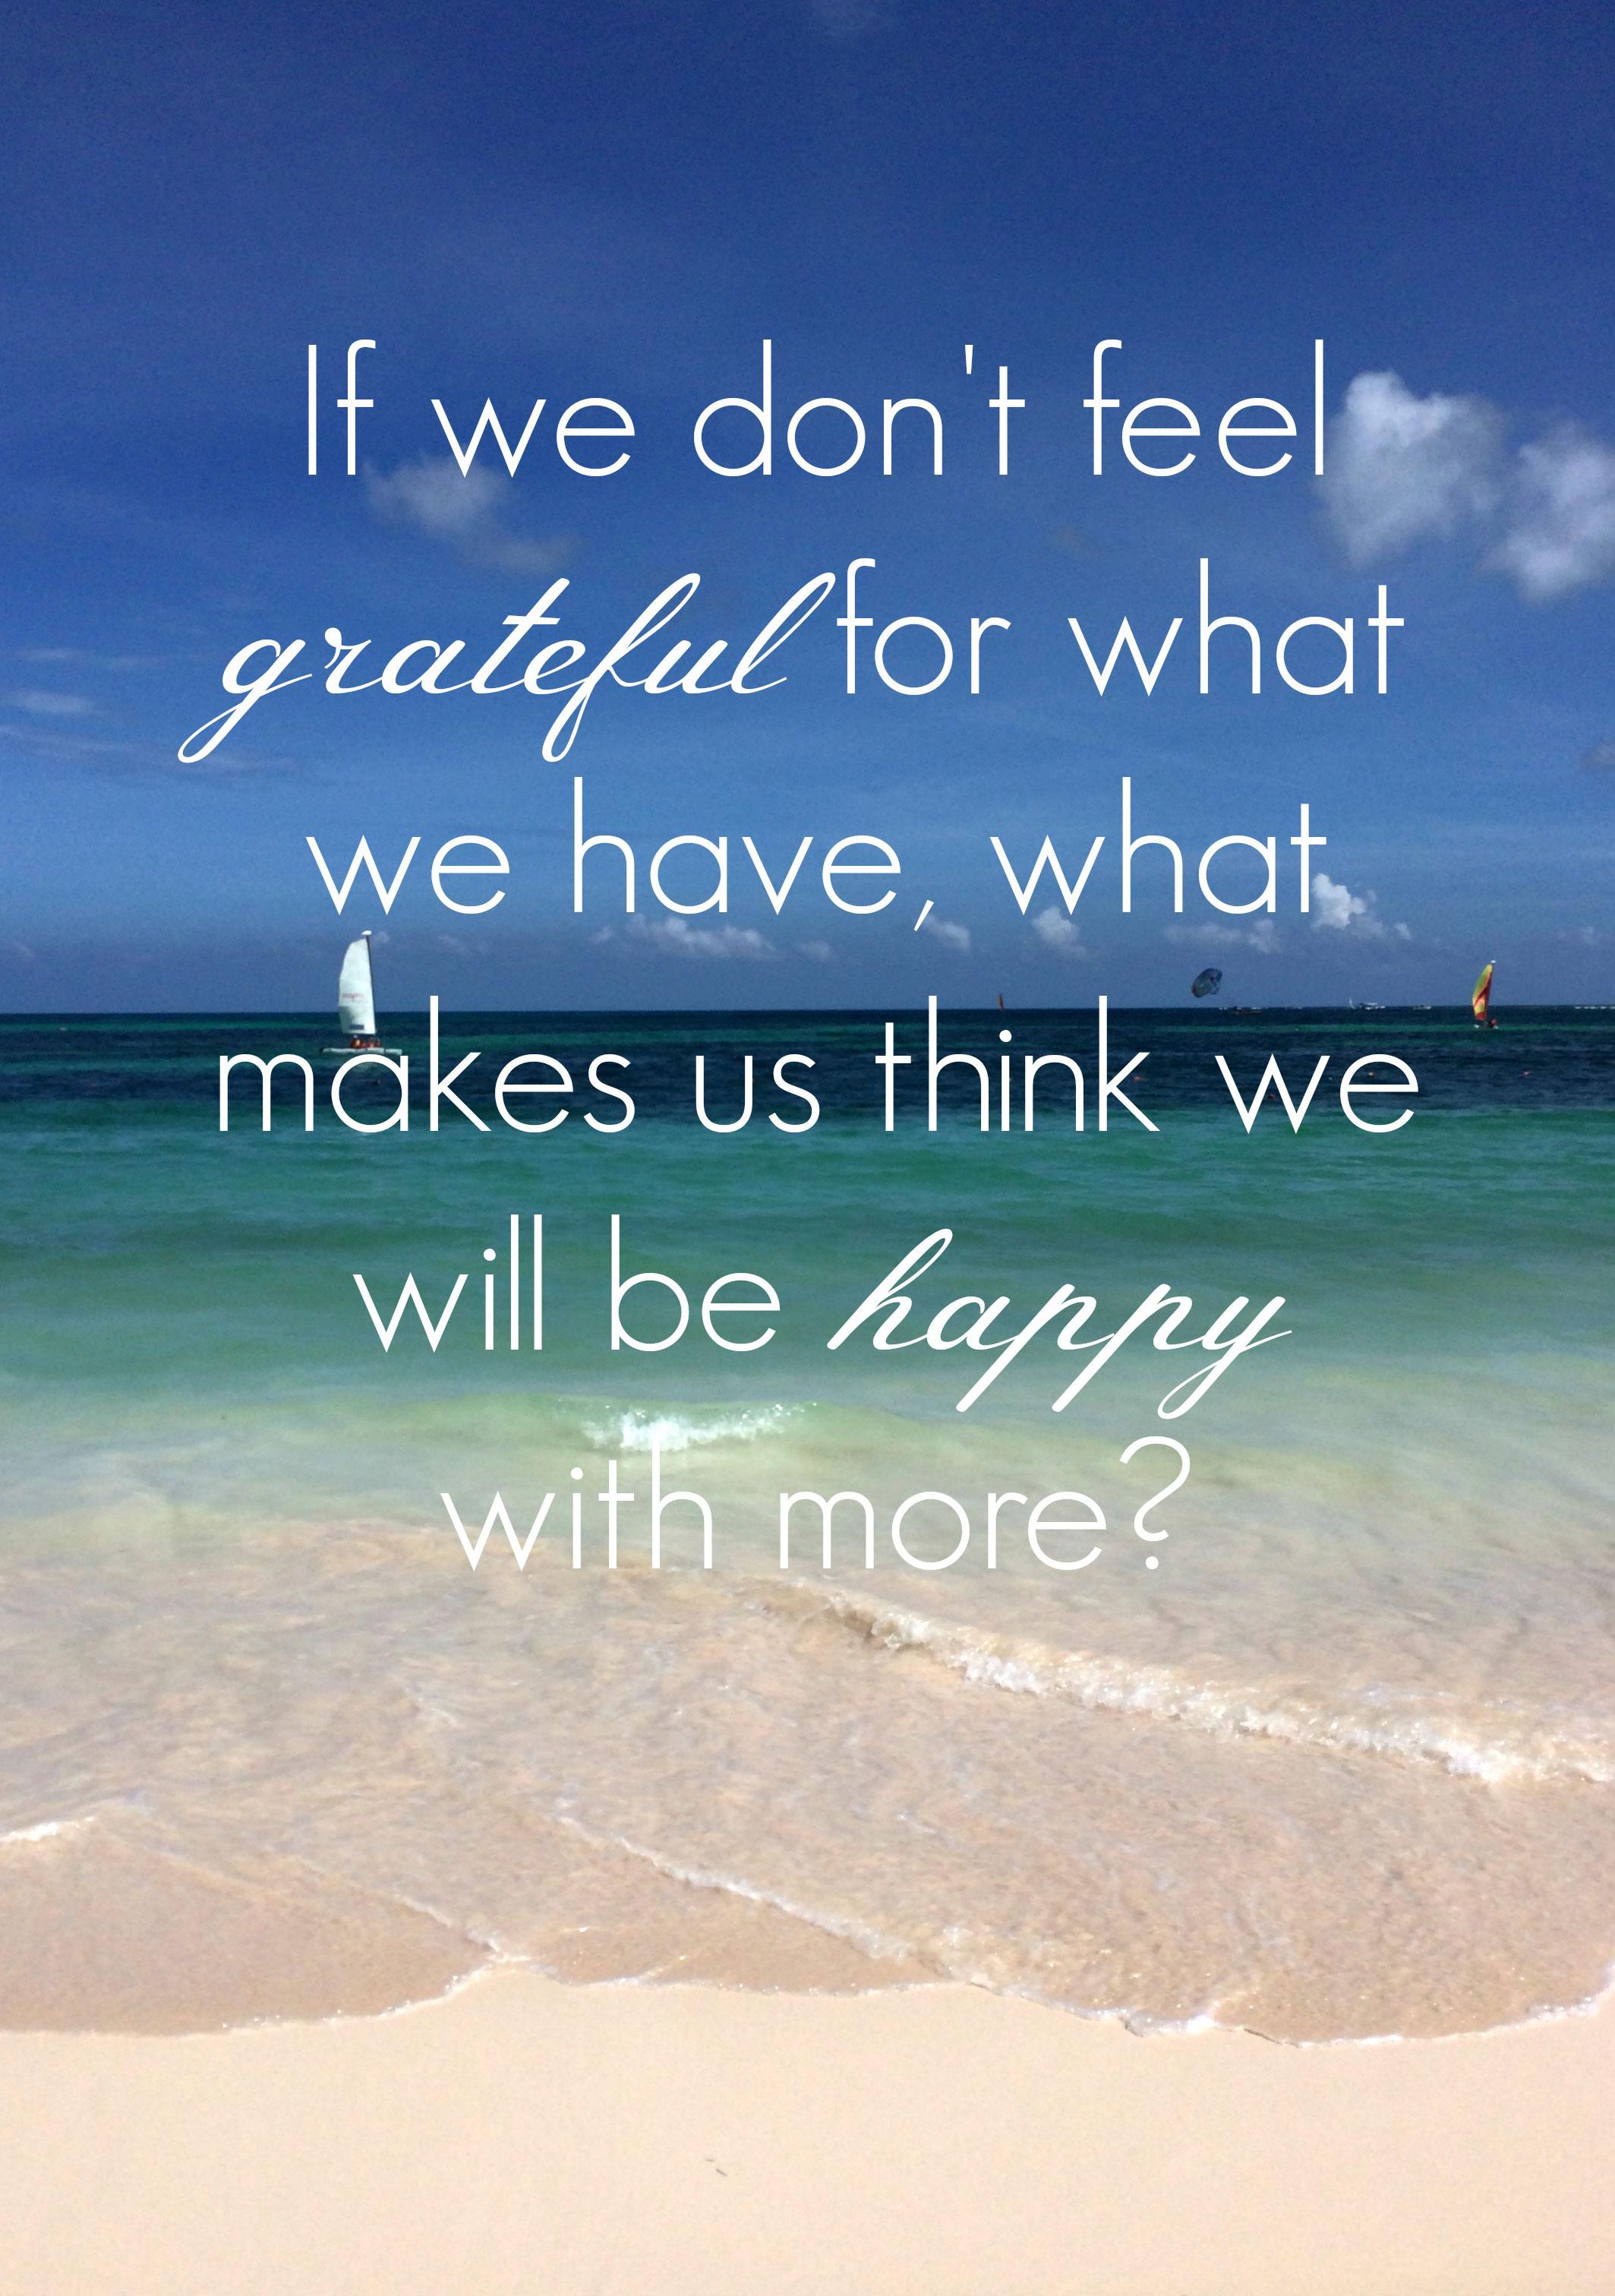 grateful-quotes.jpg